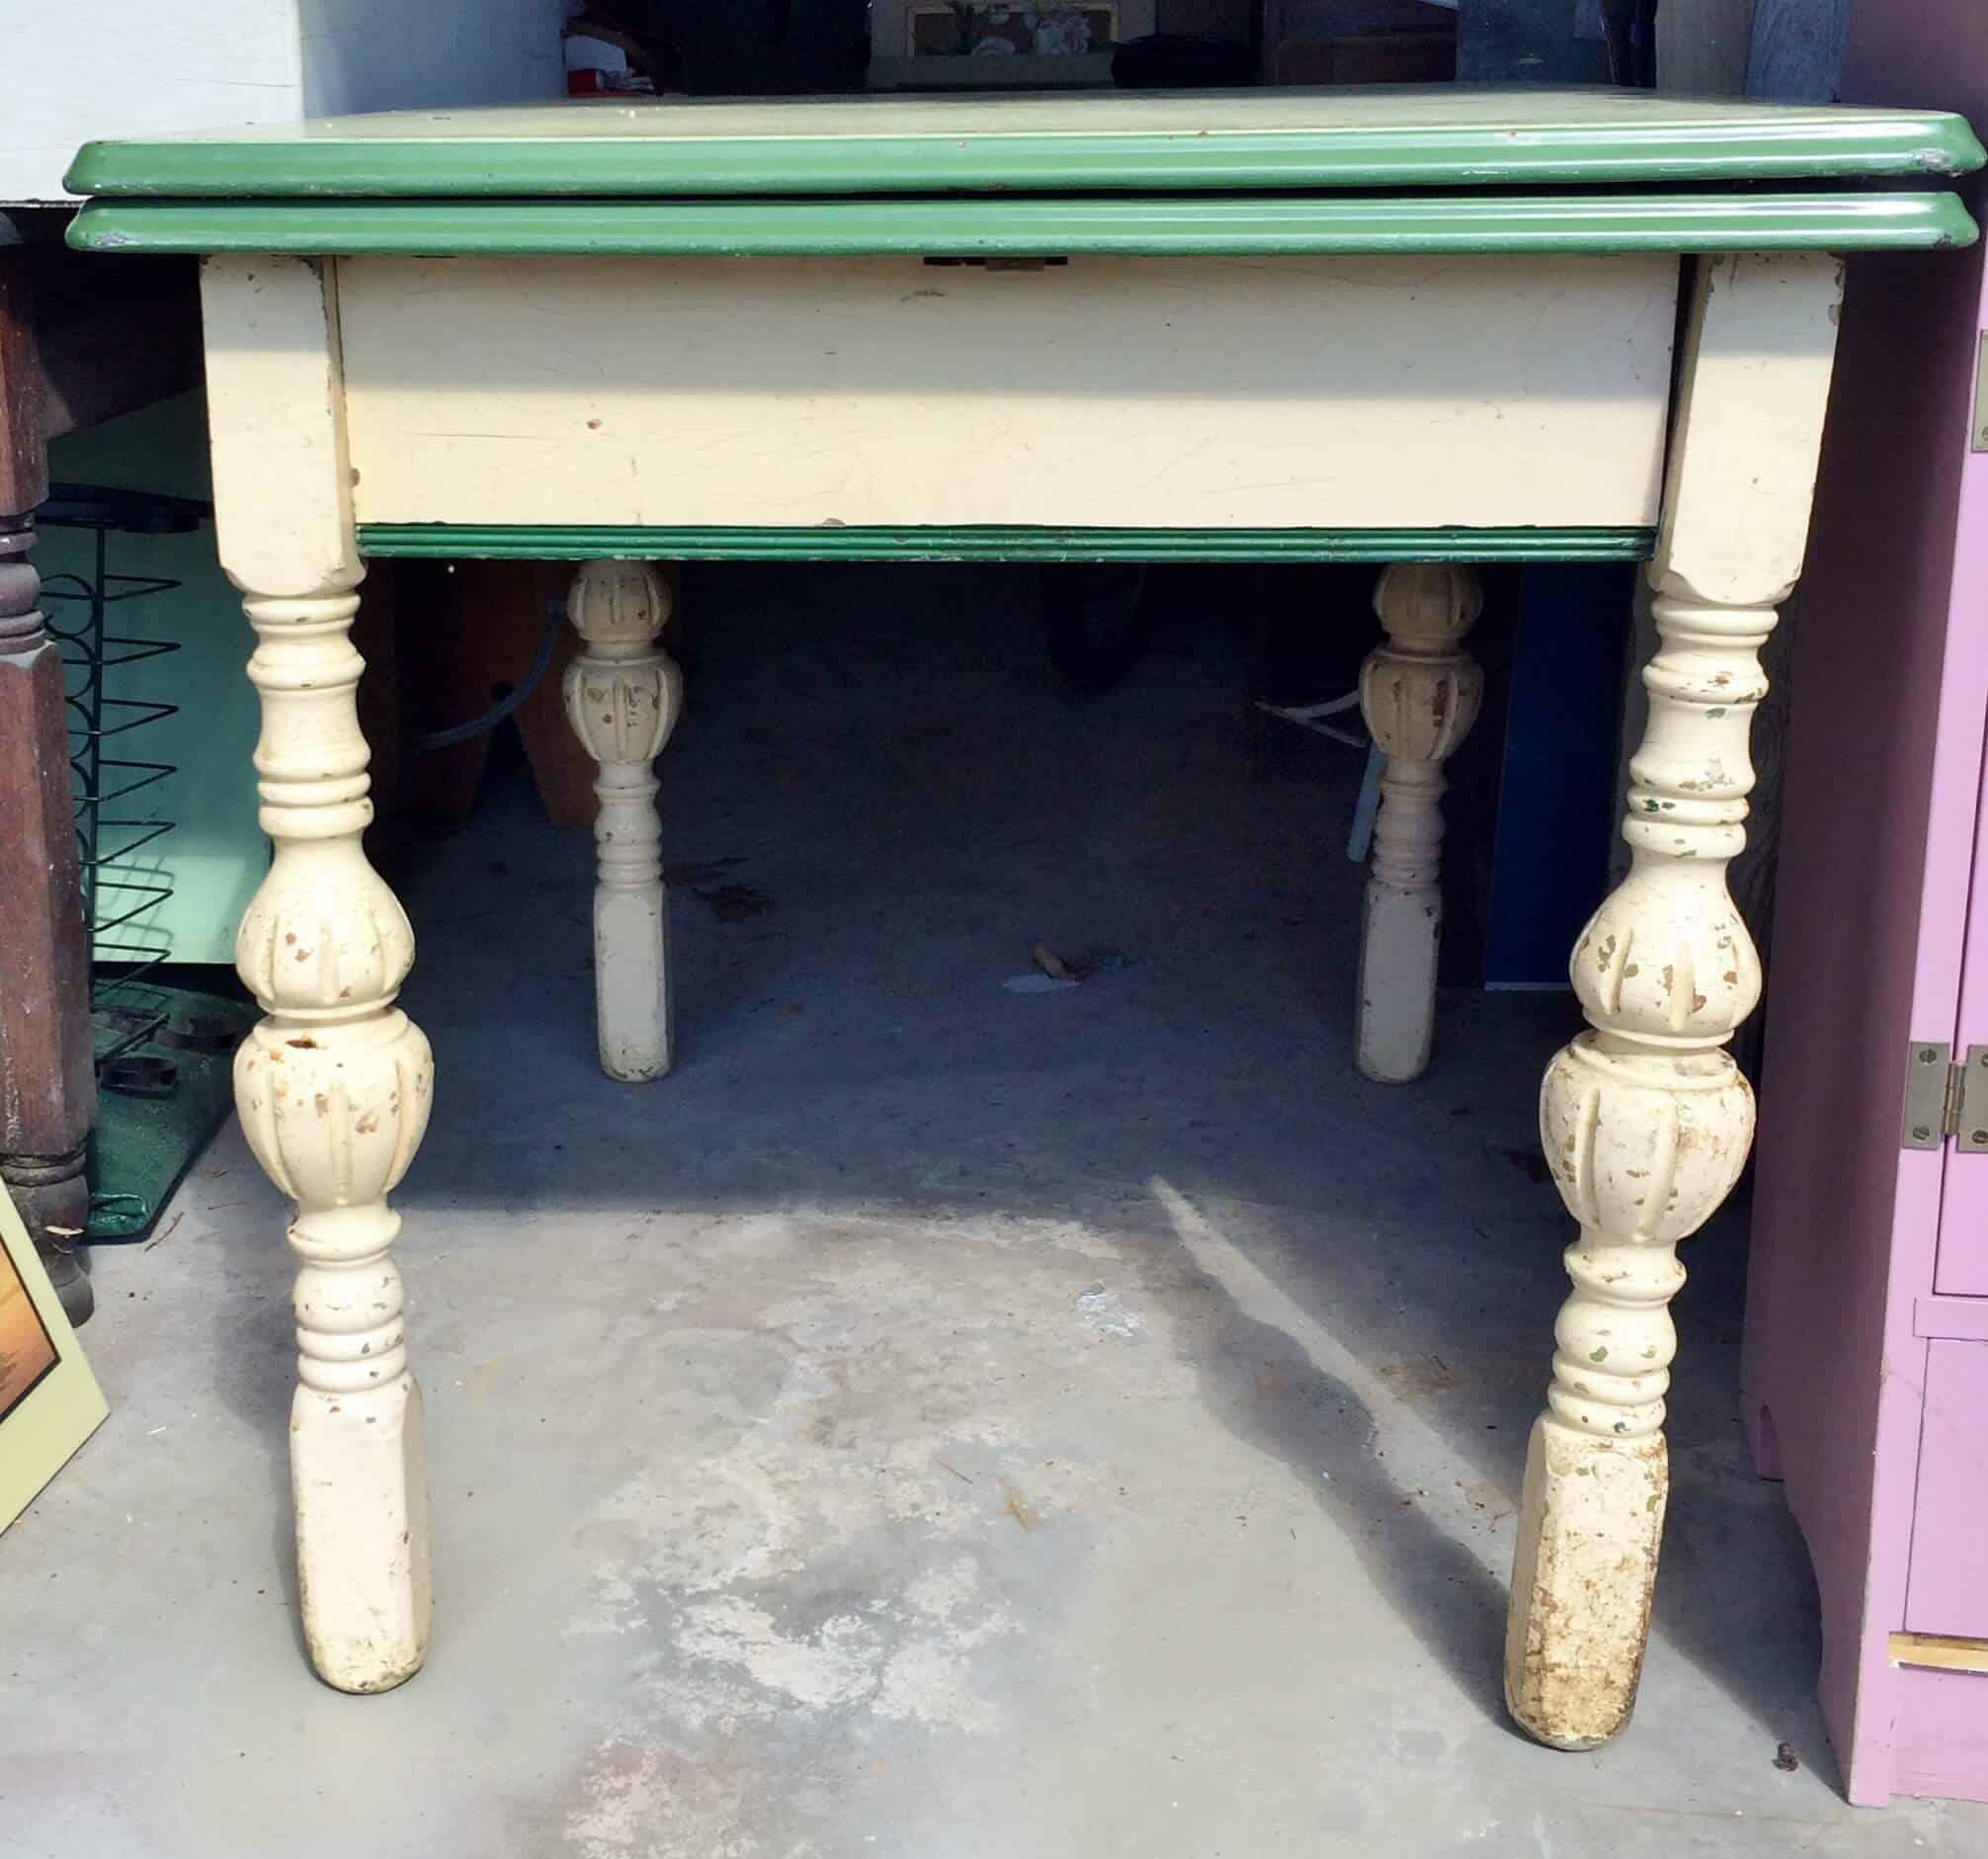 antique-enamel-top-kitchen-table-75-00-25-00-2012x1881 ...